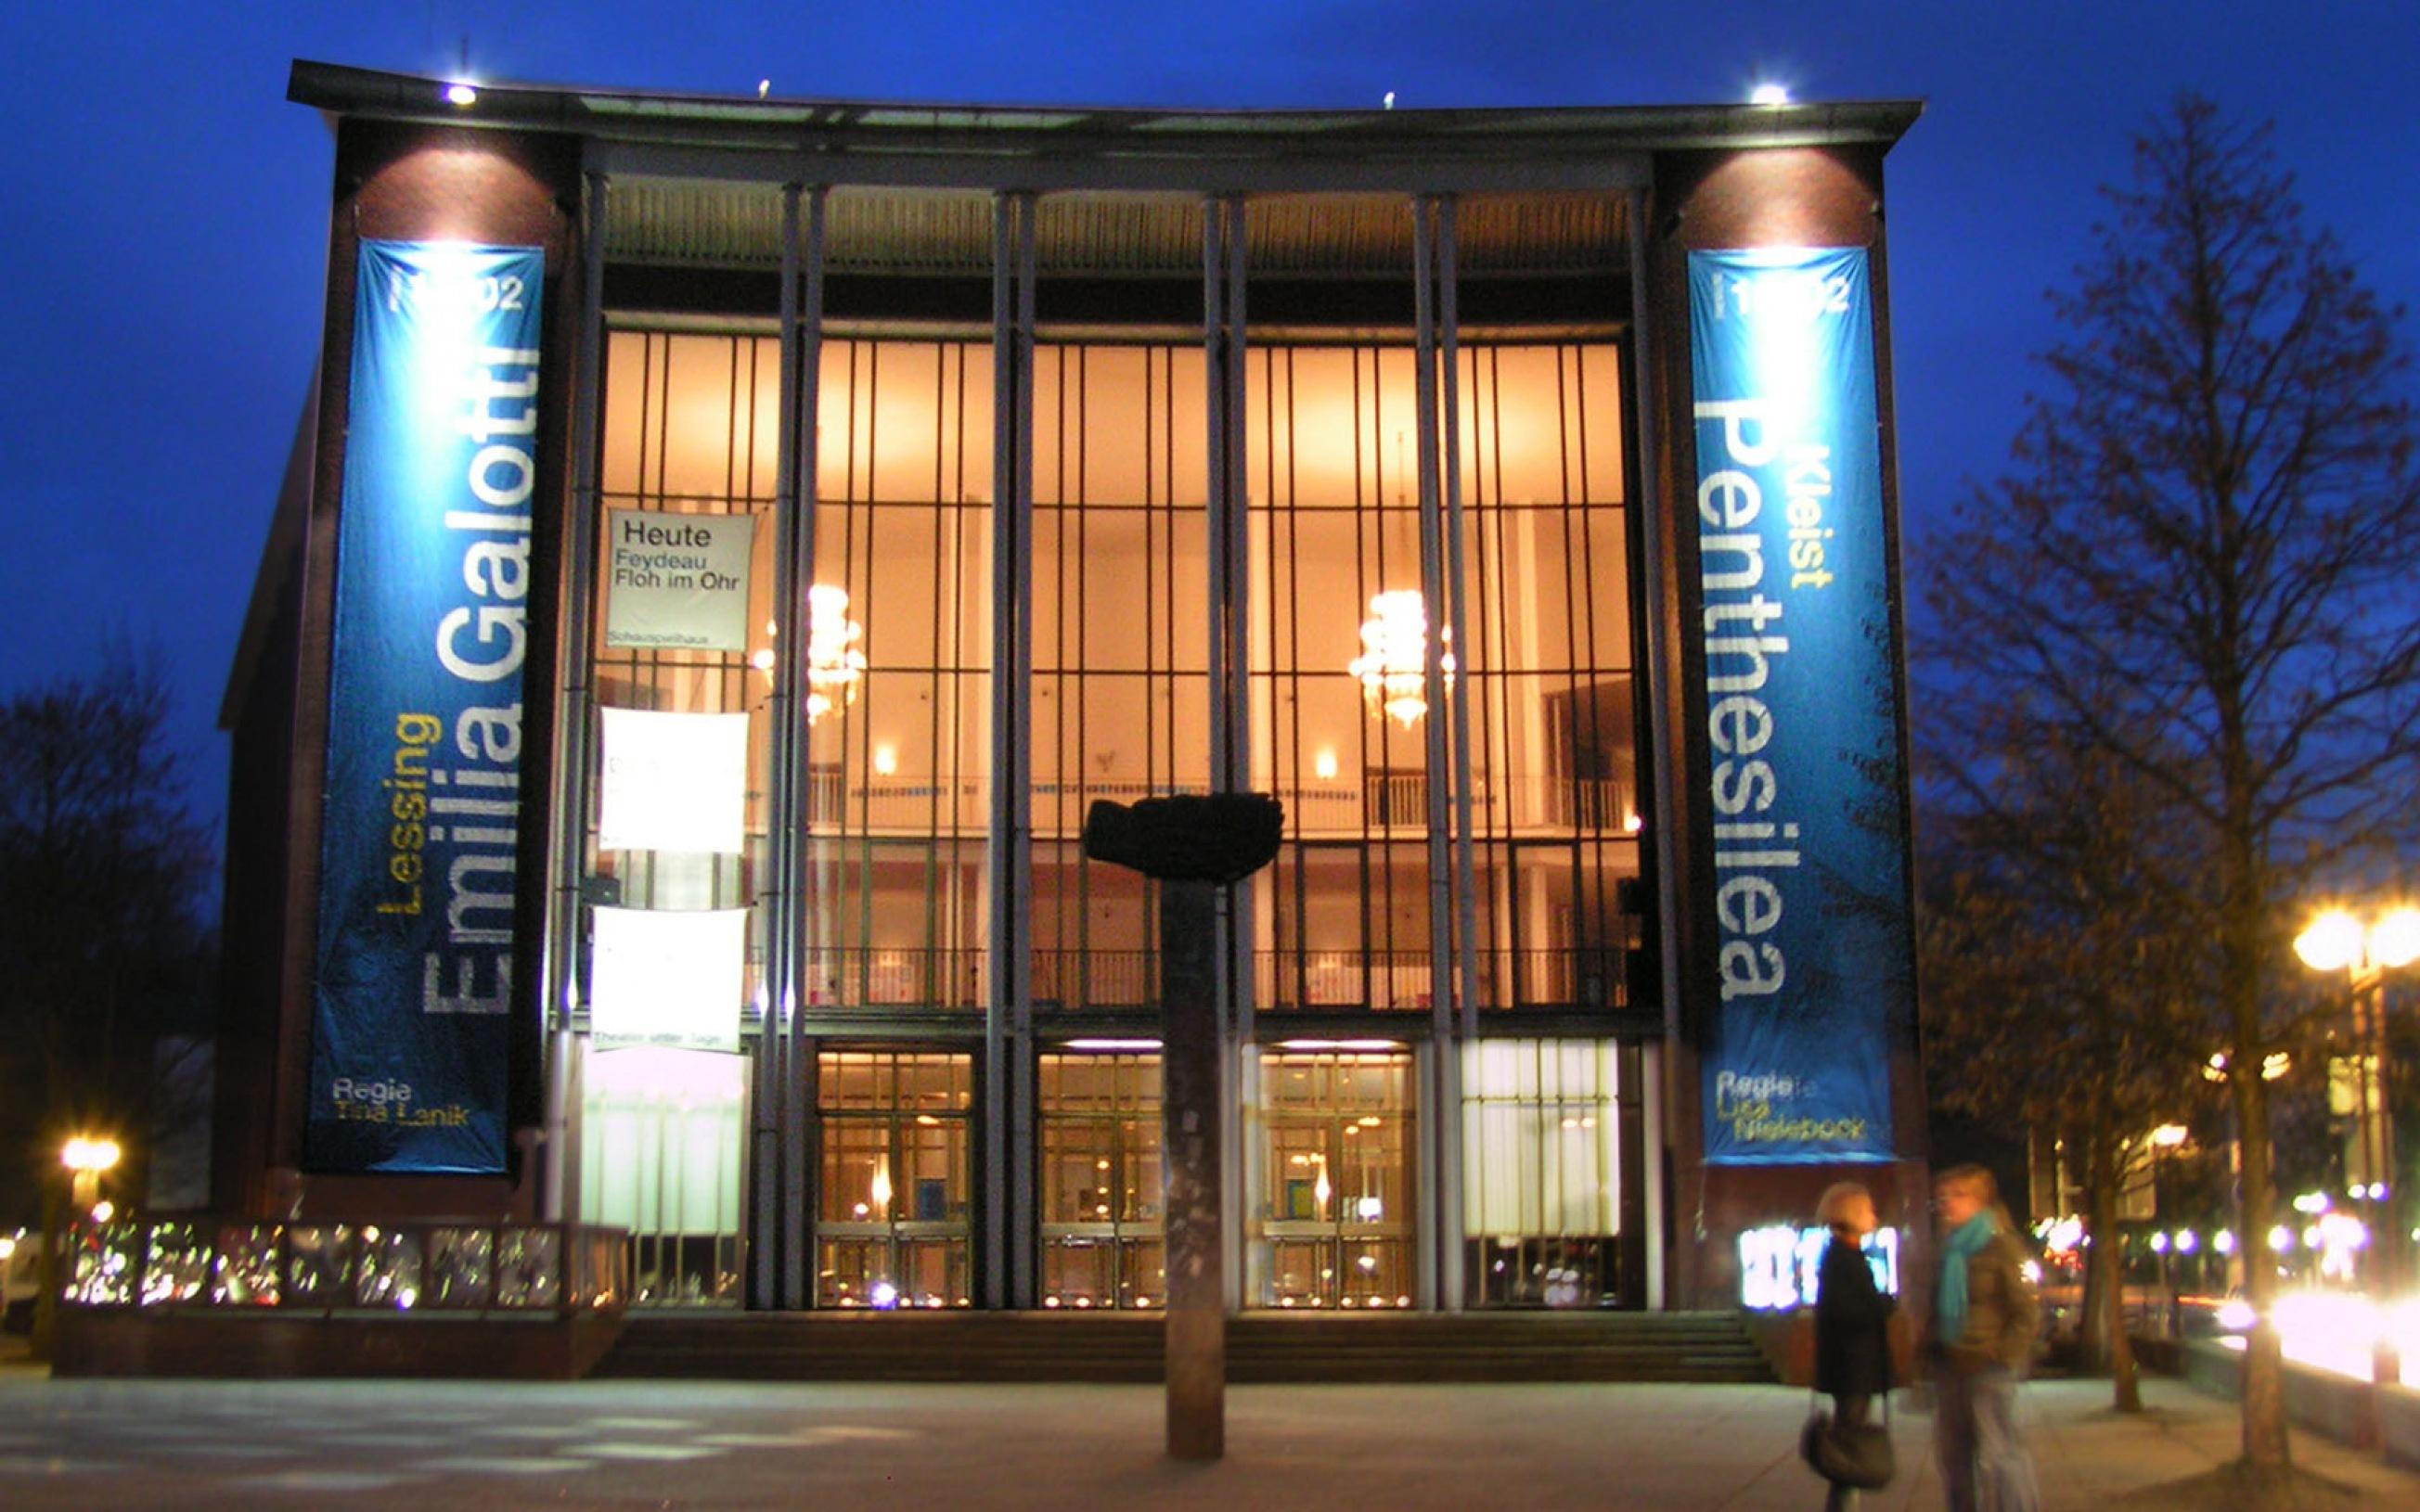 Das Schauspielhaus Bochum mit dem vorgelagerten Saladin-Schmitt-Platz bei Nacht; eine Montage aus zwei verschieden